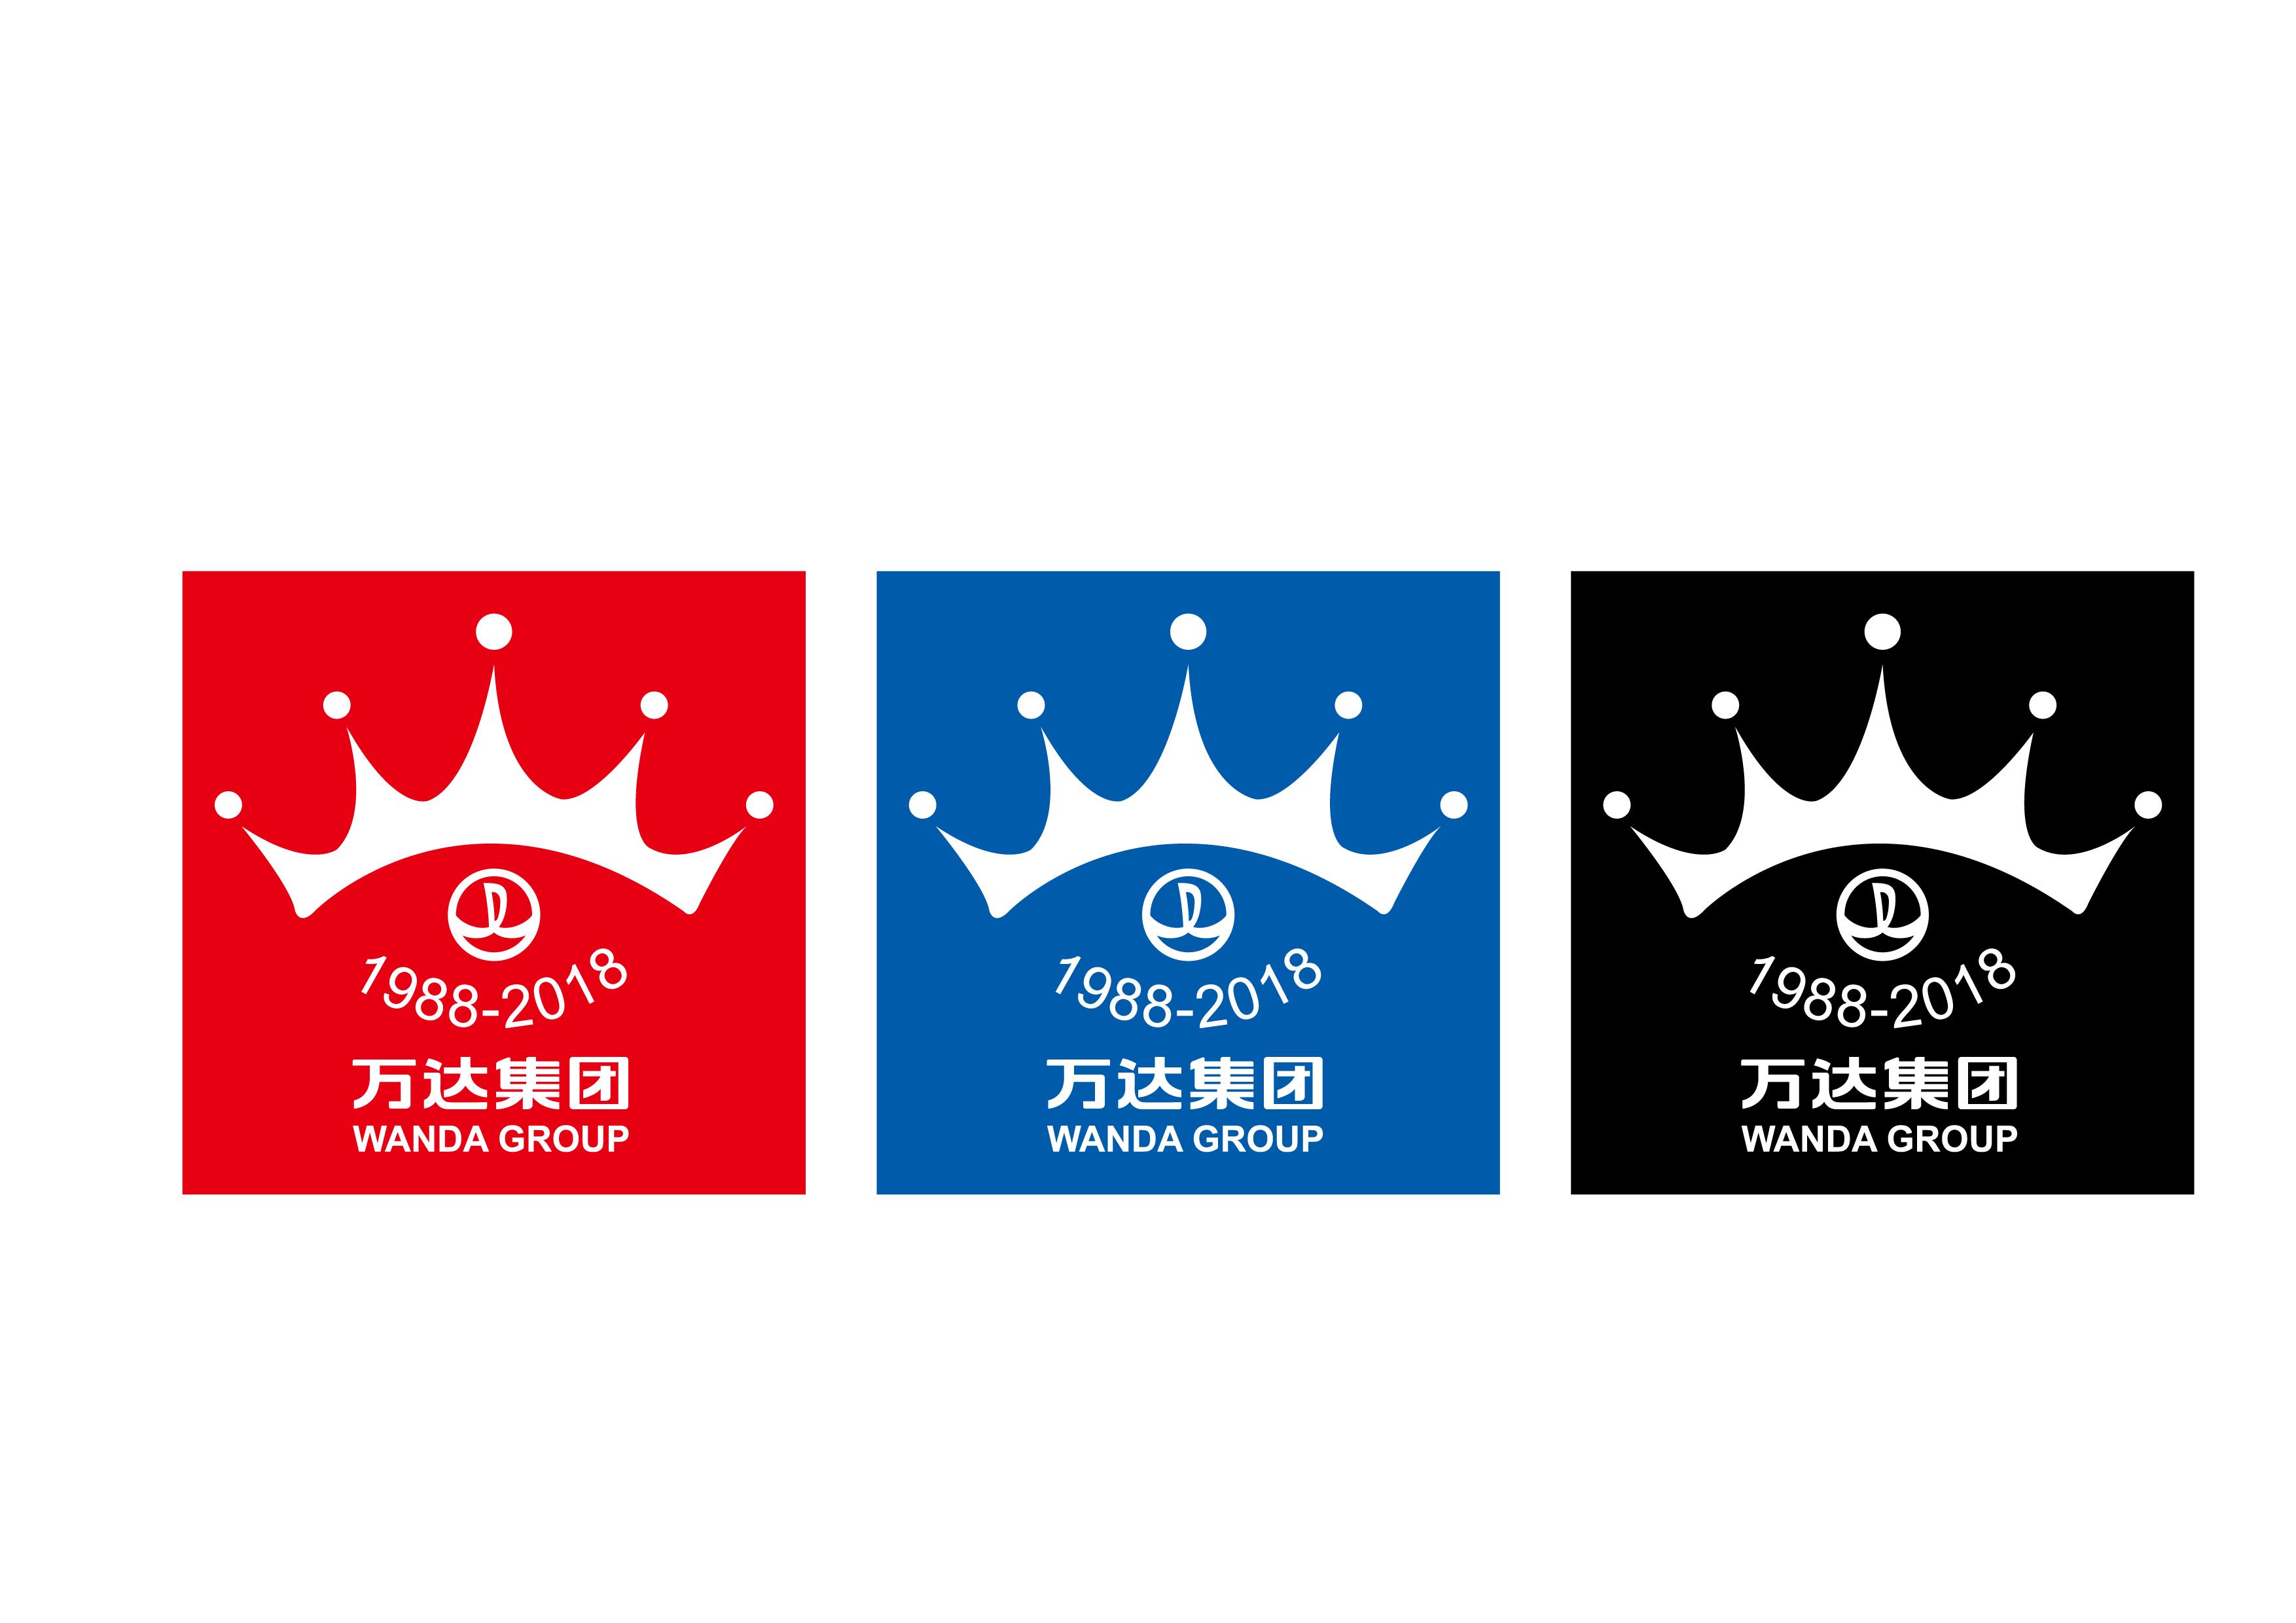 中国游戏中心是国内成立时间最早,业内著名的棋牌休闲游戏平台,提供棋牌休闲和网络竞技等各种游戏,下载中游游戏大厅即可免费畅玩包括棋牌、麻将、休闲游戏在内的各种游戏,成立17年来注册用户已超3亿,忙时在线人数超30万,各种游戏社团超2万个。棋牌游戏平台下载_棋牌游戏中心电脑版_棋牌游戏大厅客户端_9553下载熊二轰炸光头强关卡全开无敌版,熊二轰炸光头强关卡全开无敌版小.